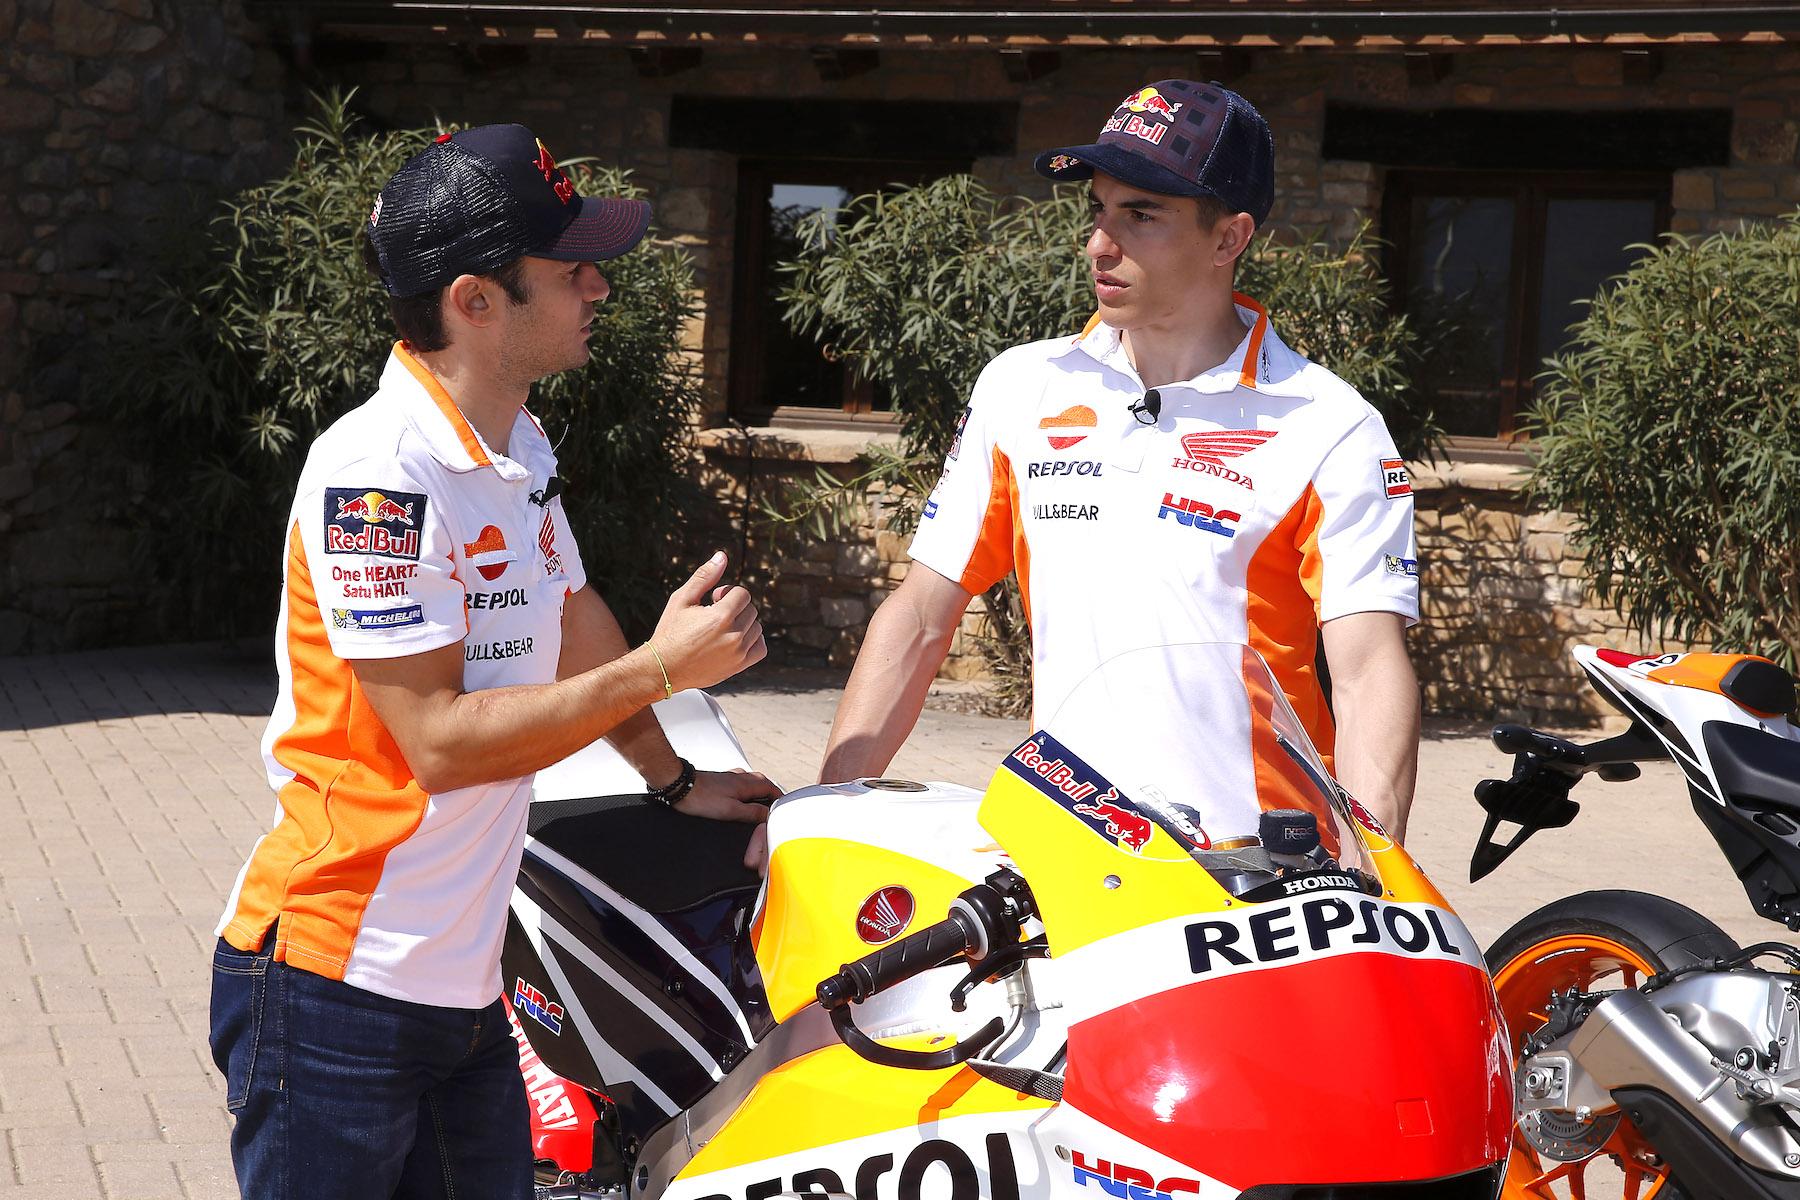 Marc Márquez y Dani Pedrosa, ¿en qué se diferencia su MotoGP de una de calle?